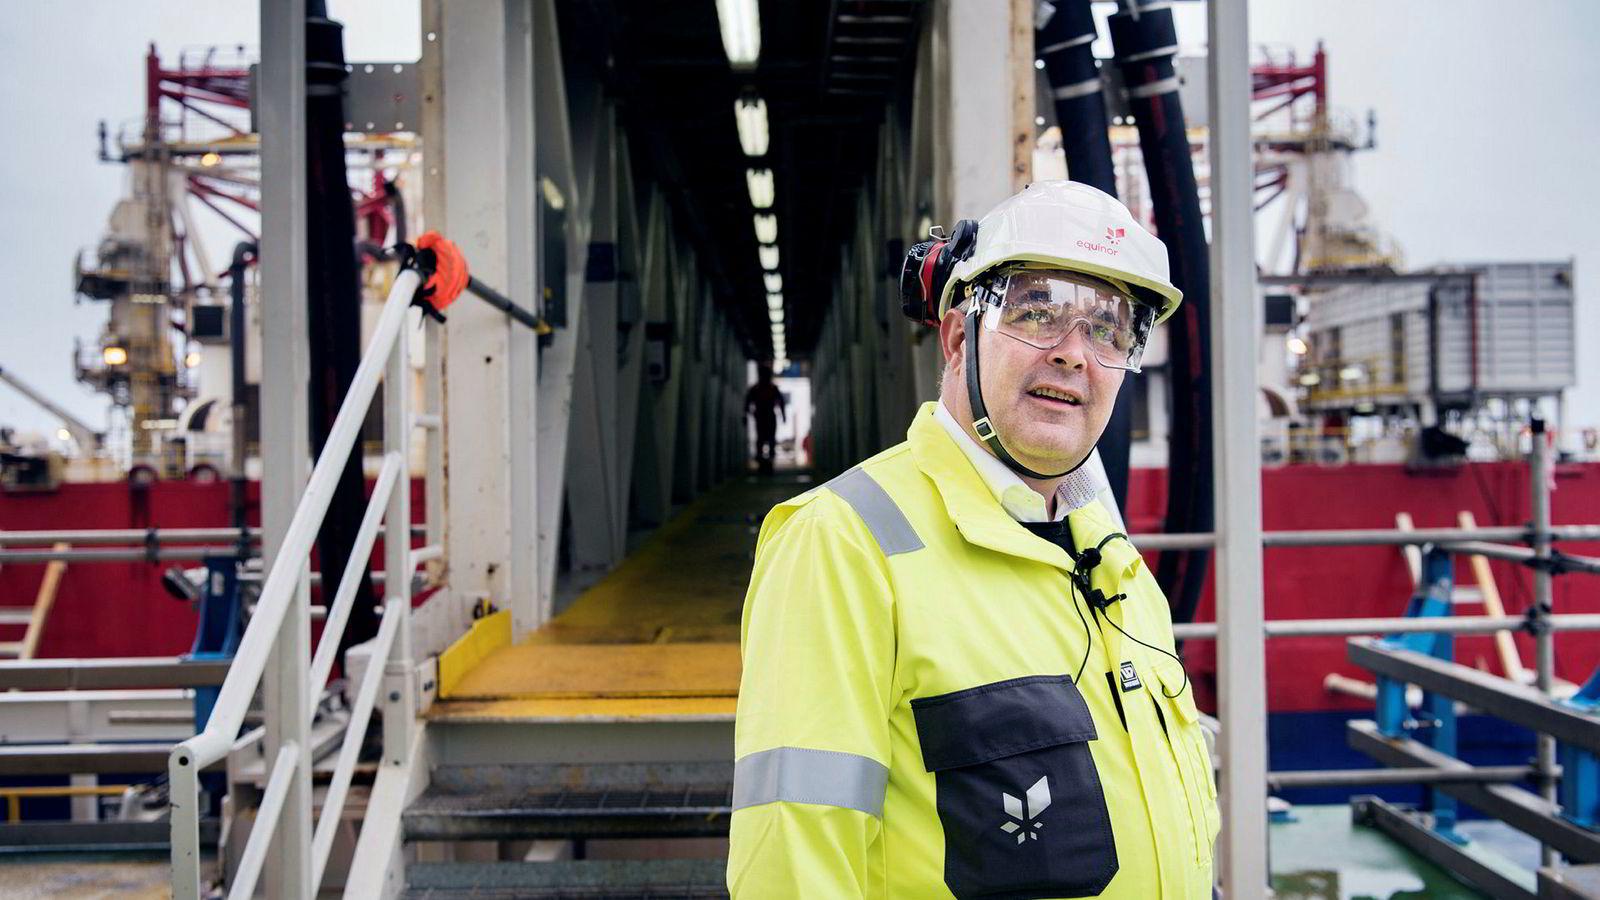 Olje- og energiminister Kjell-Børge Freiberg under besøk på Johan Sverdrup-feltet i 2018. Han mener folk i oljebransjen fortjener honnør, ikke kritikk.